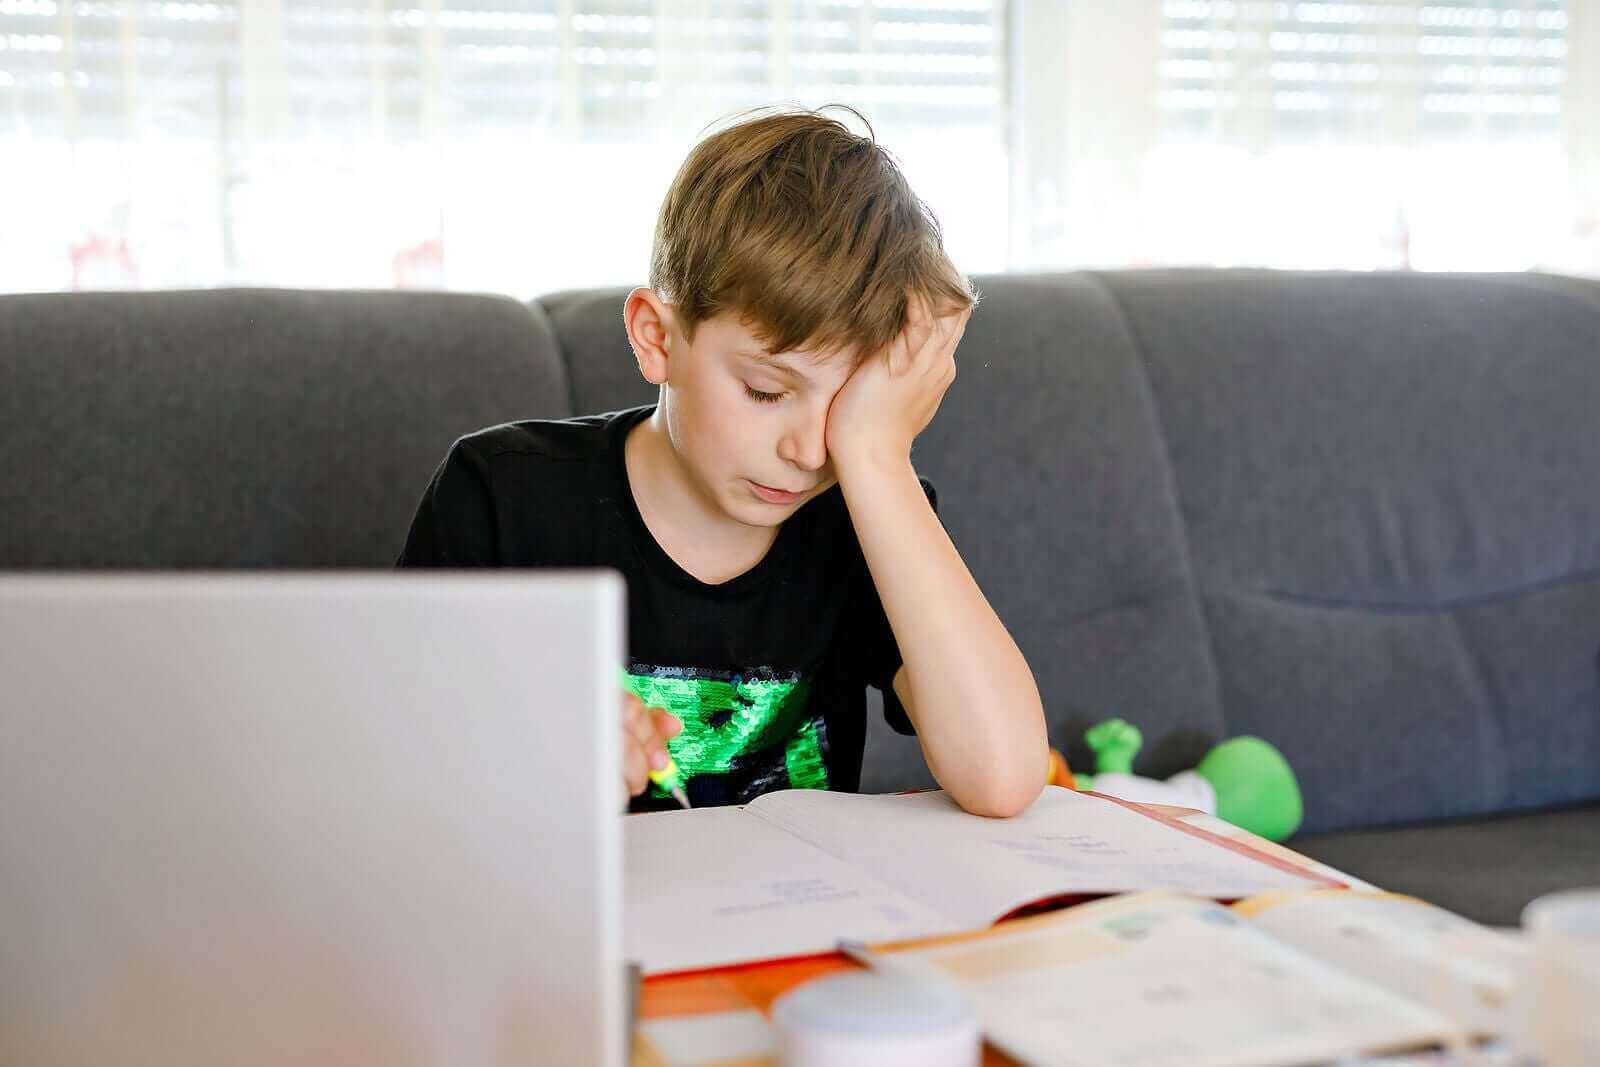 Kuinka auttaa teini-ikäistä, jolla on oppimisvaikeuksia?